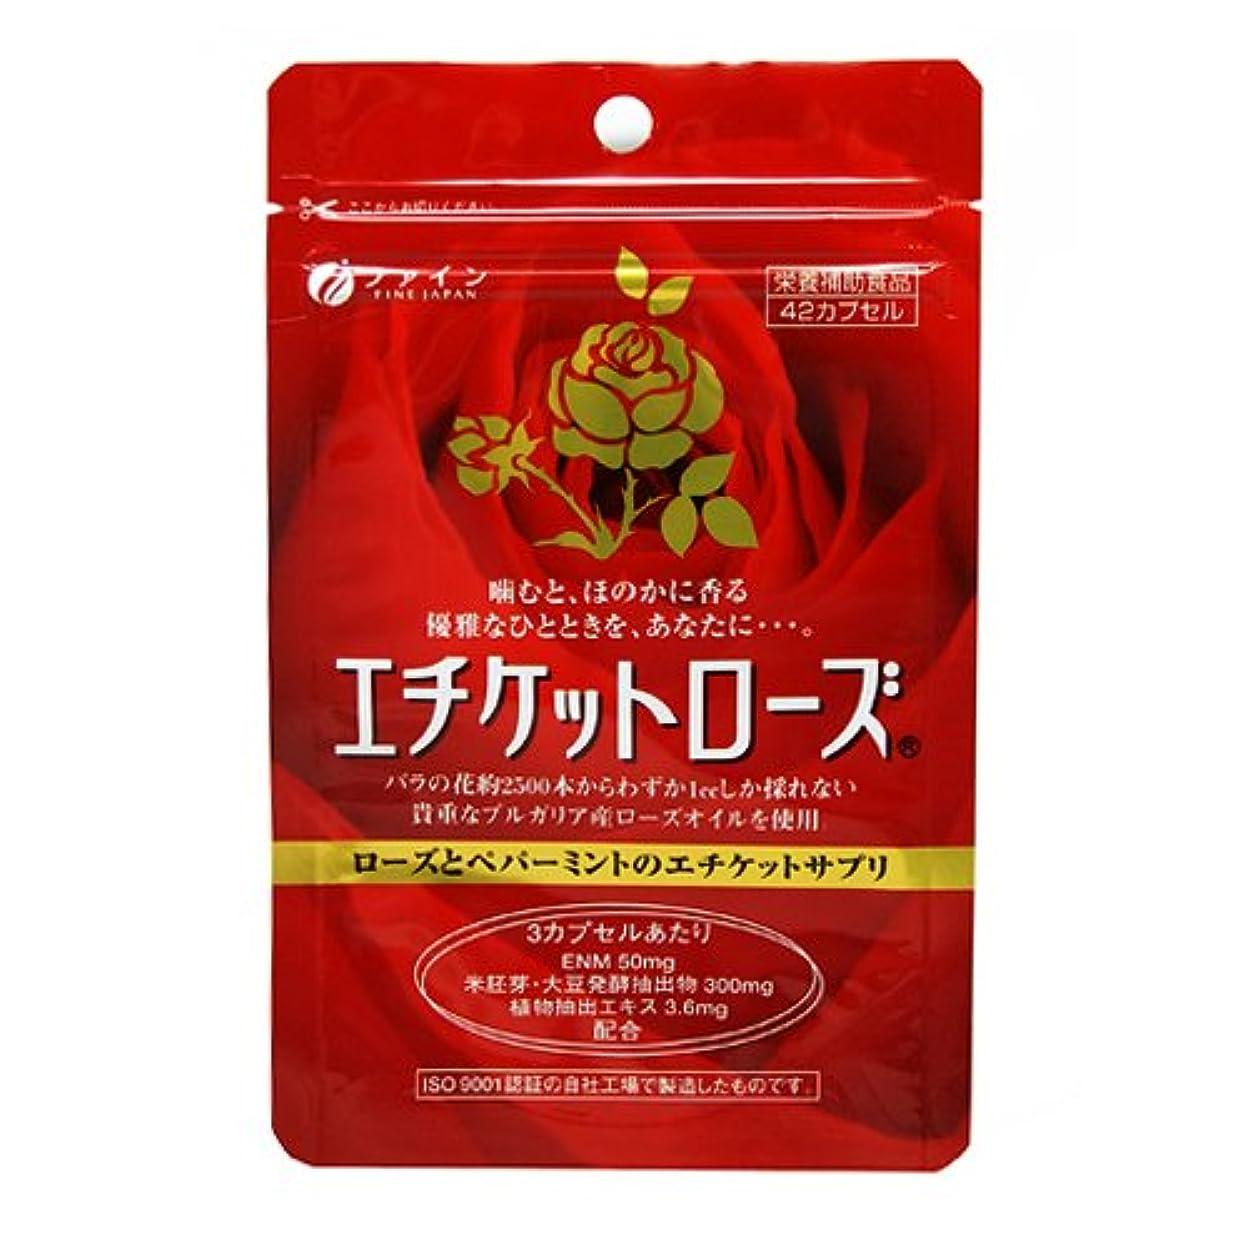 料理をする取り除くマットファイン エチケットローズ 42粒入り ローズオイル 植物抽出エキス 米胚芽?大豆抽出物 含有